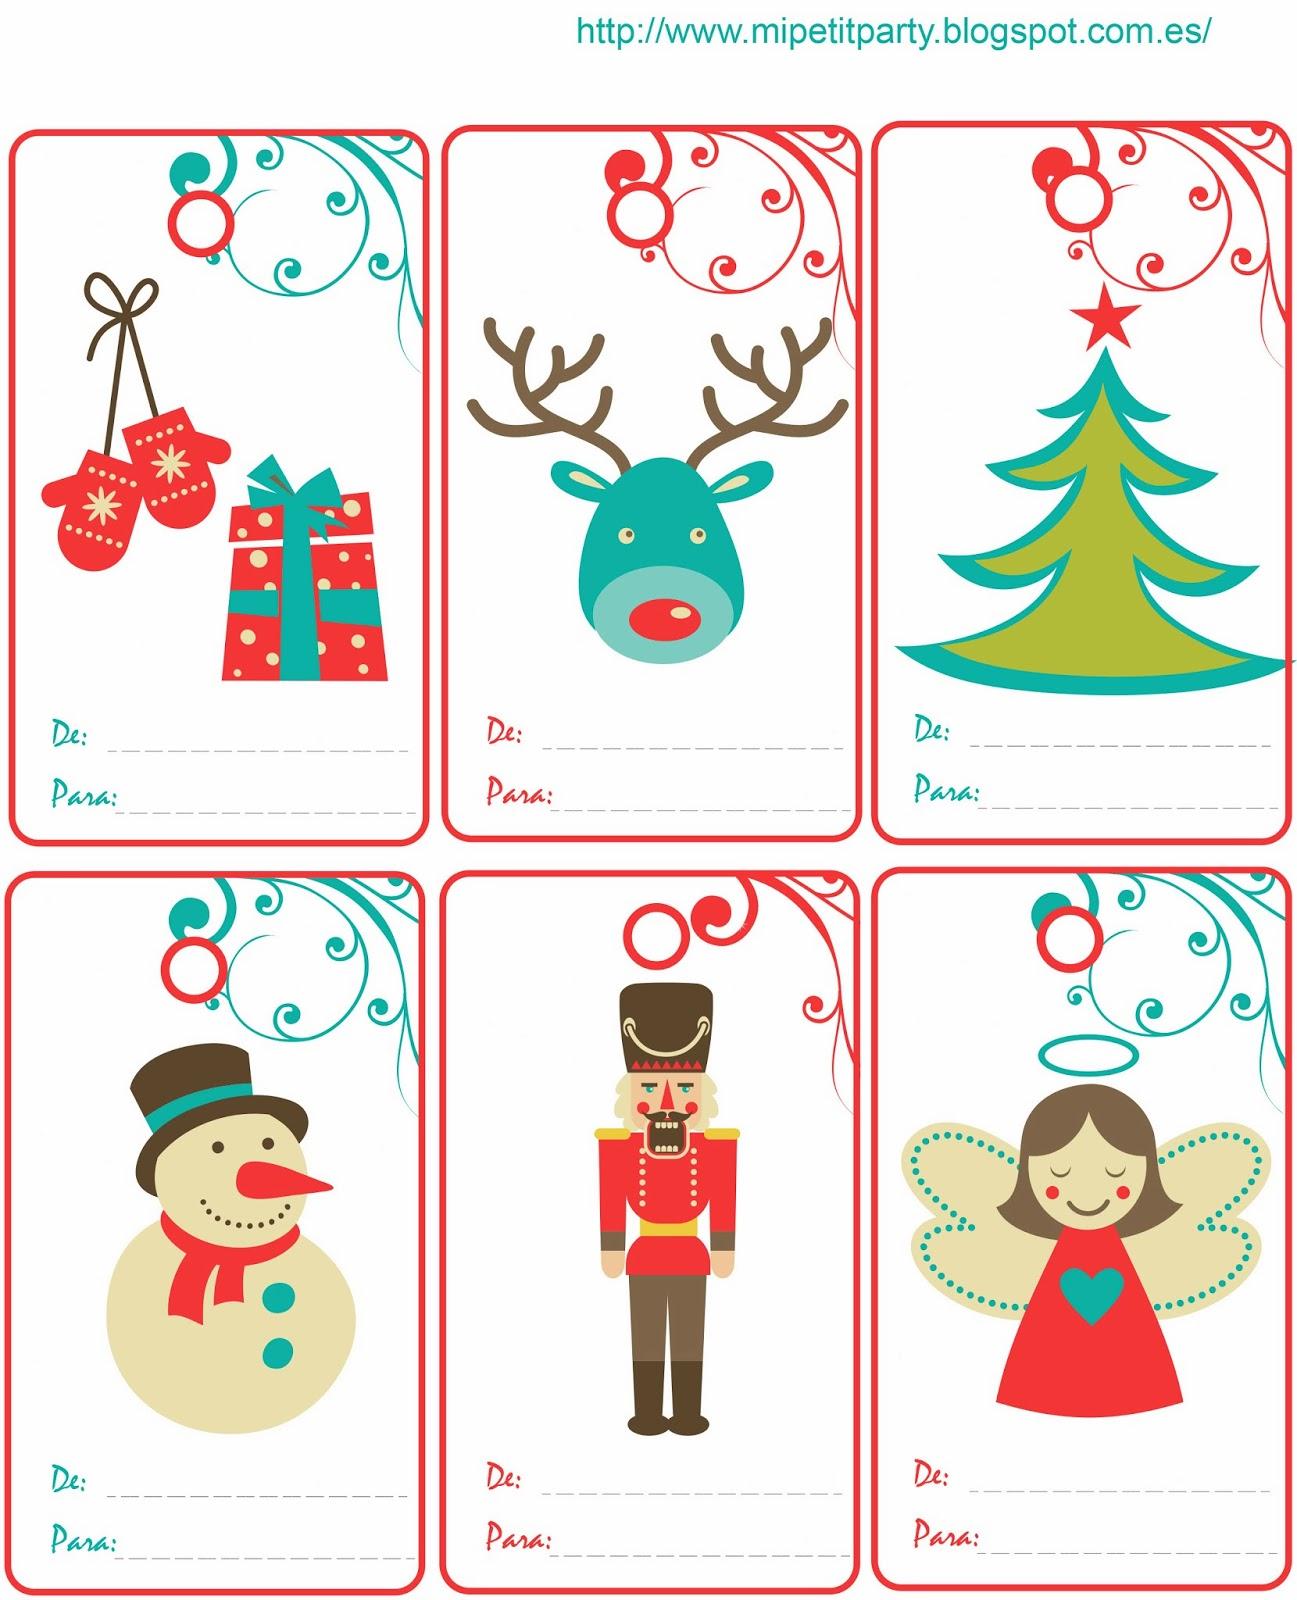 Único Hojas De Navidad Imprimibles Gratis Imagen - Dibujos Para ...